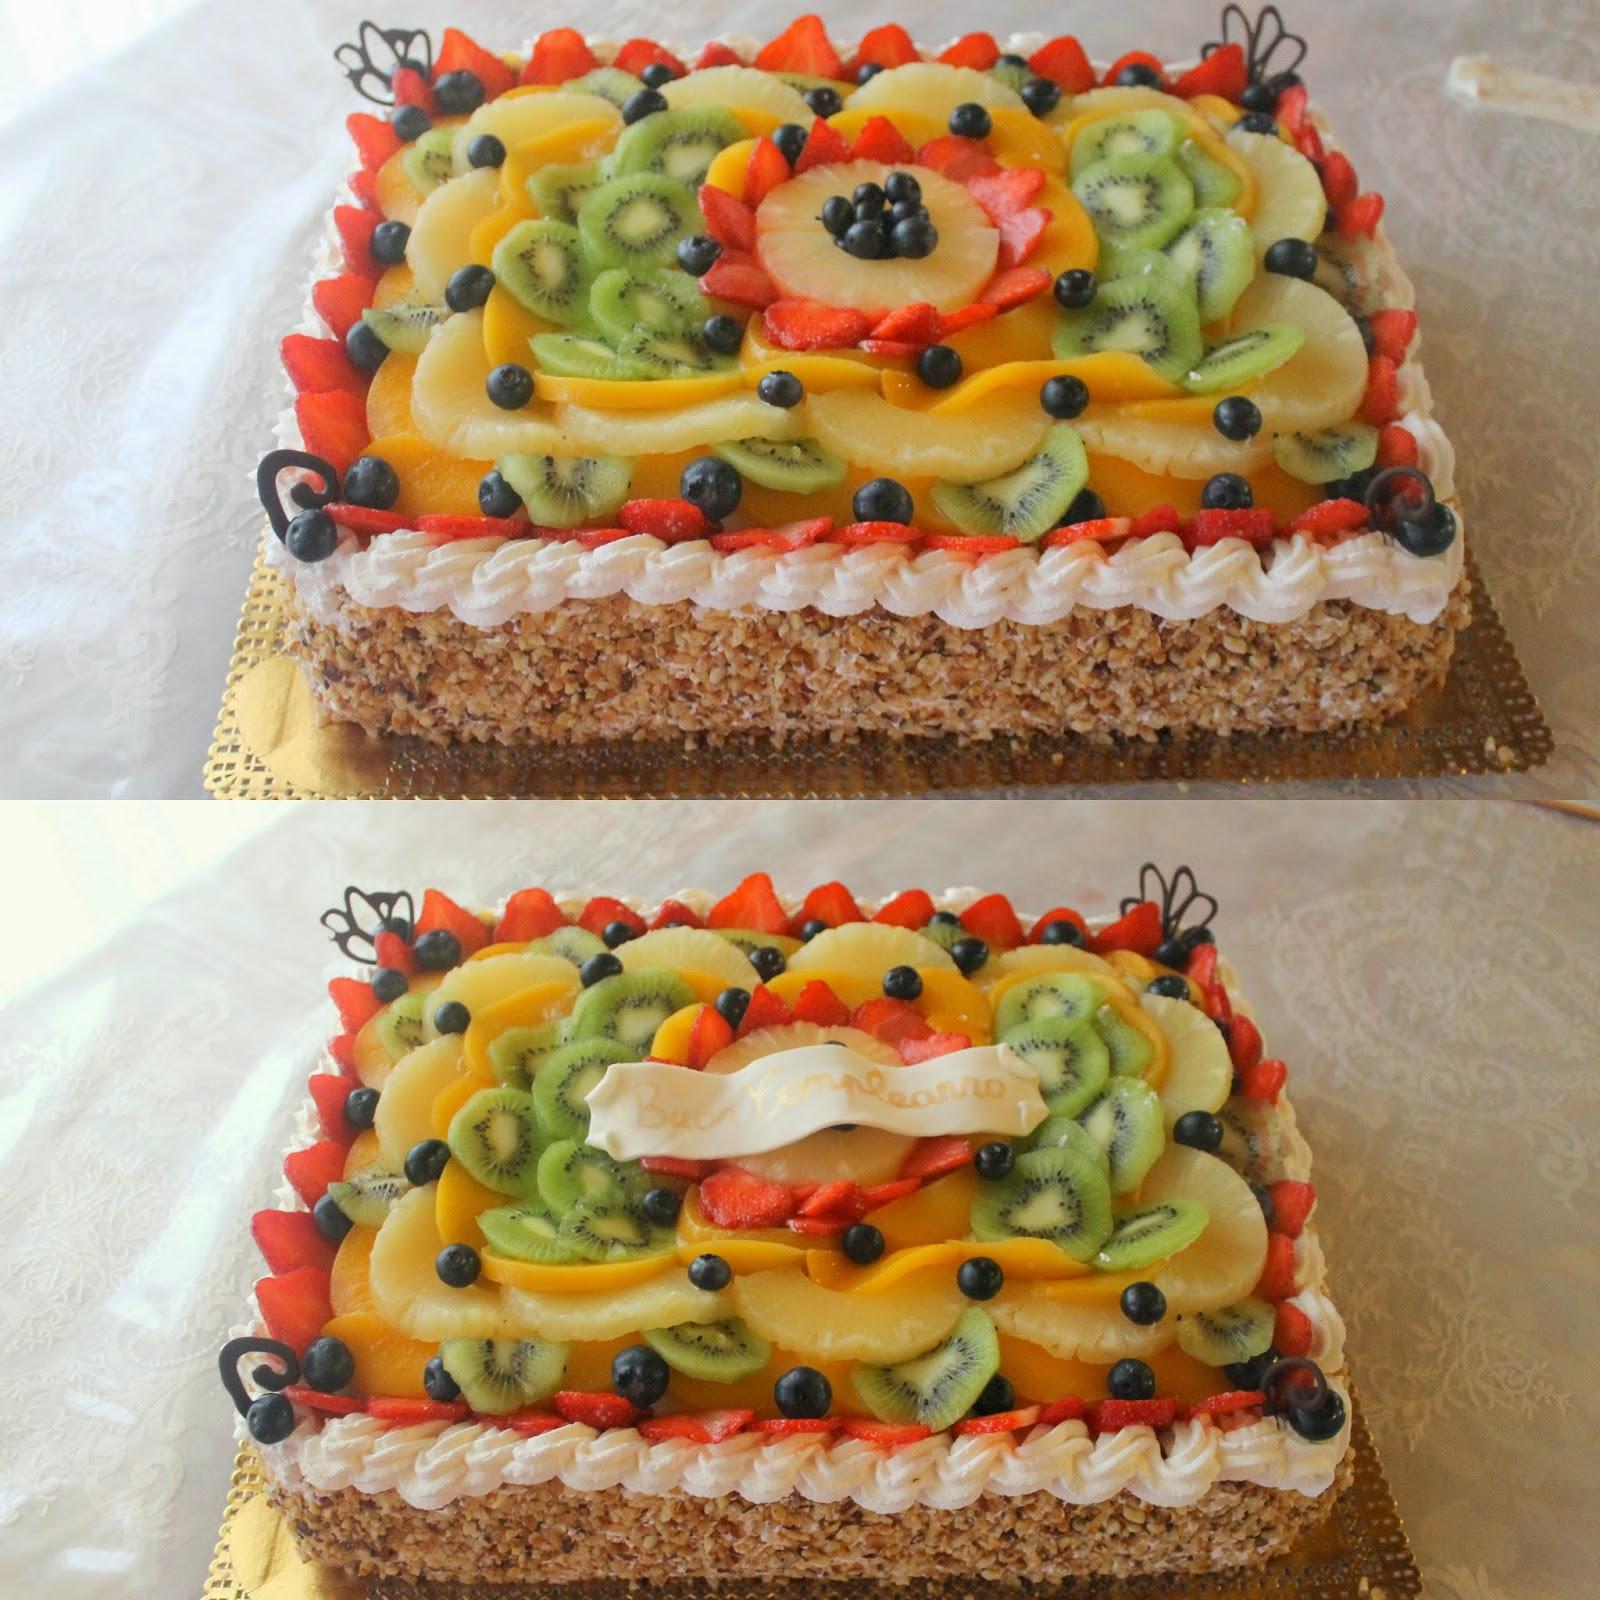 I pasticci di alessia novembre 2014 for Decorazione torte con wafer